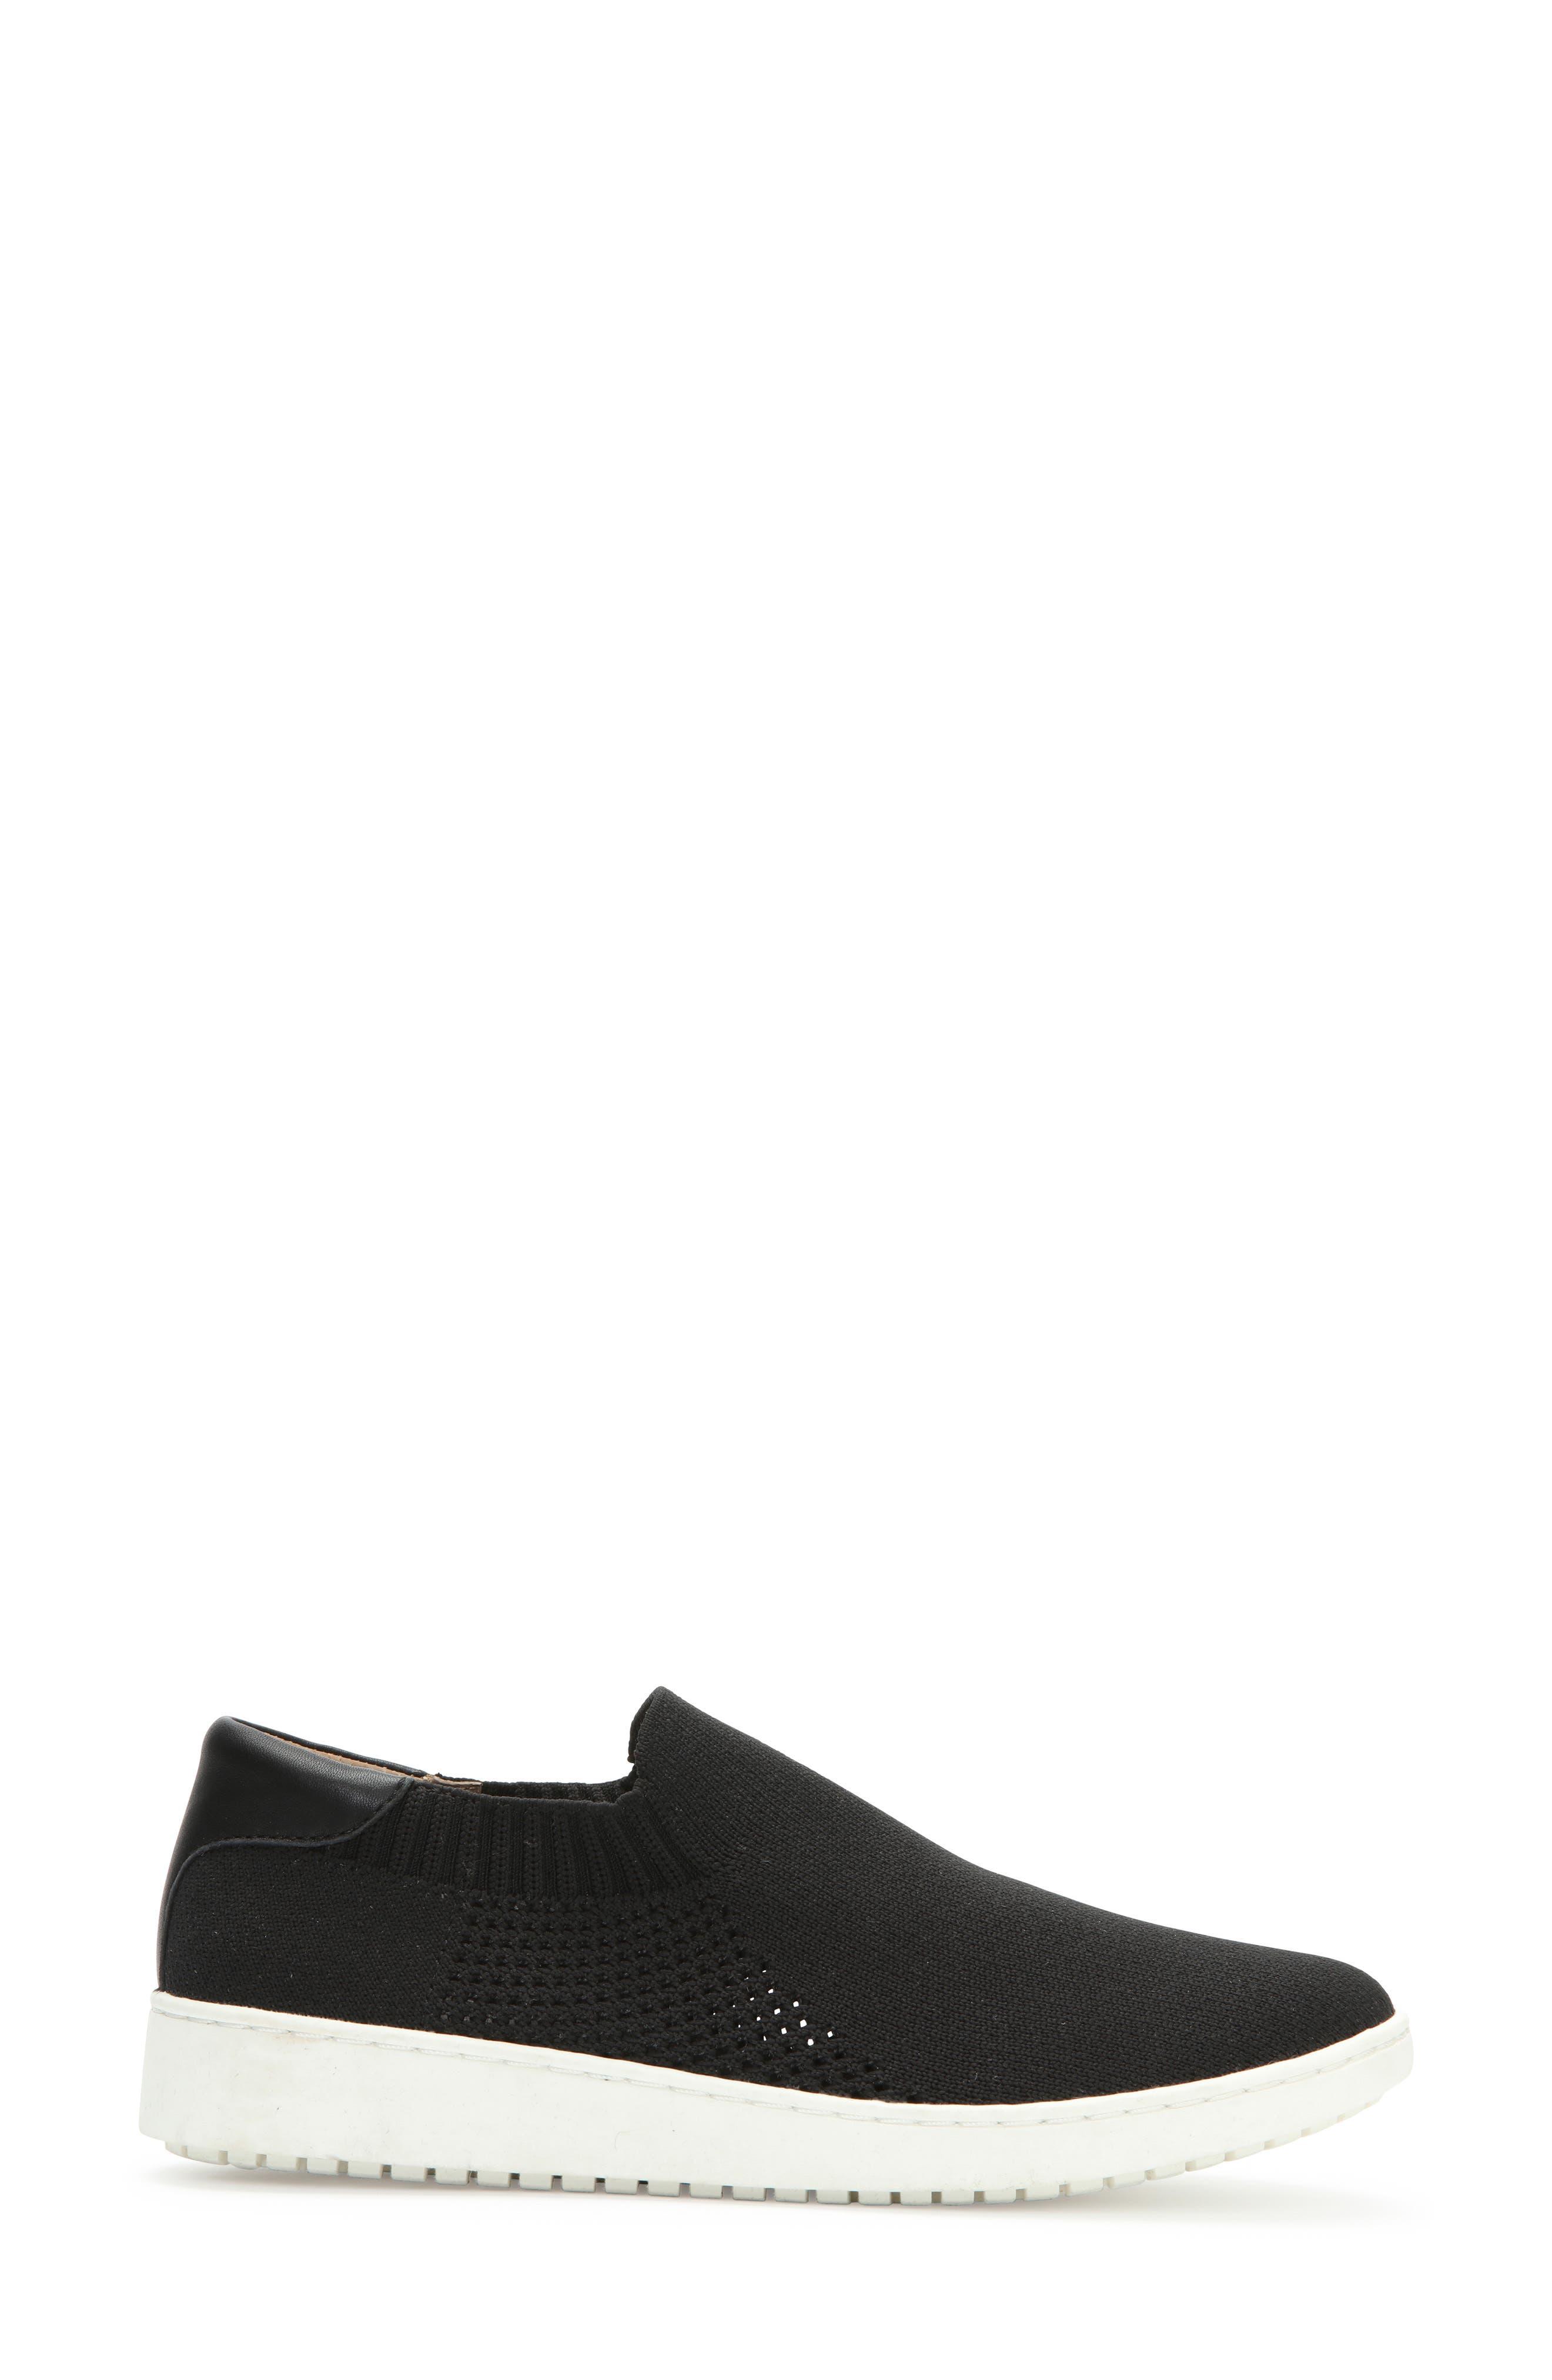 ADAM TUCKER BY ME TOO,                             Adam Tucker Romy Slip-On Sneaker,                             Alternate thumbnail 3, color,                             BLACK FABRIC